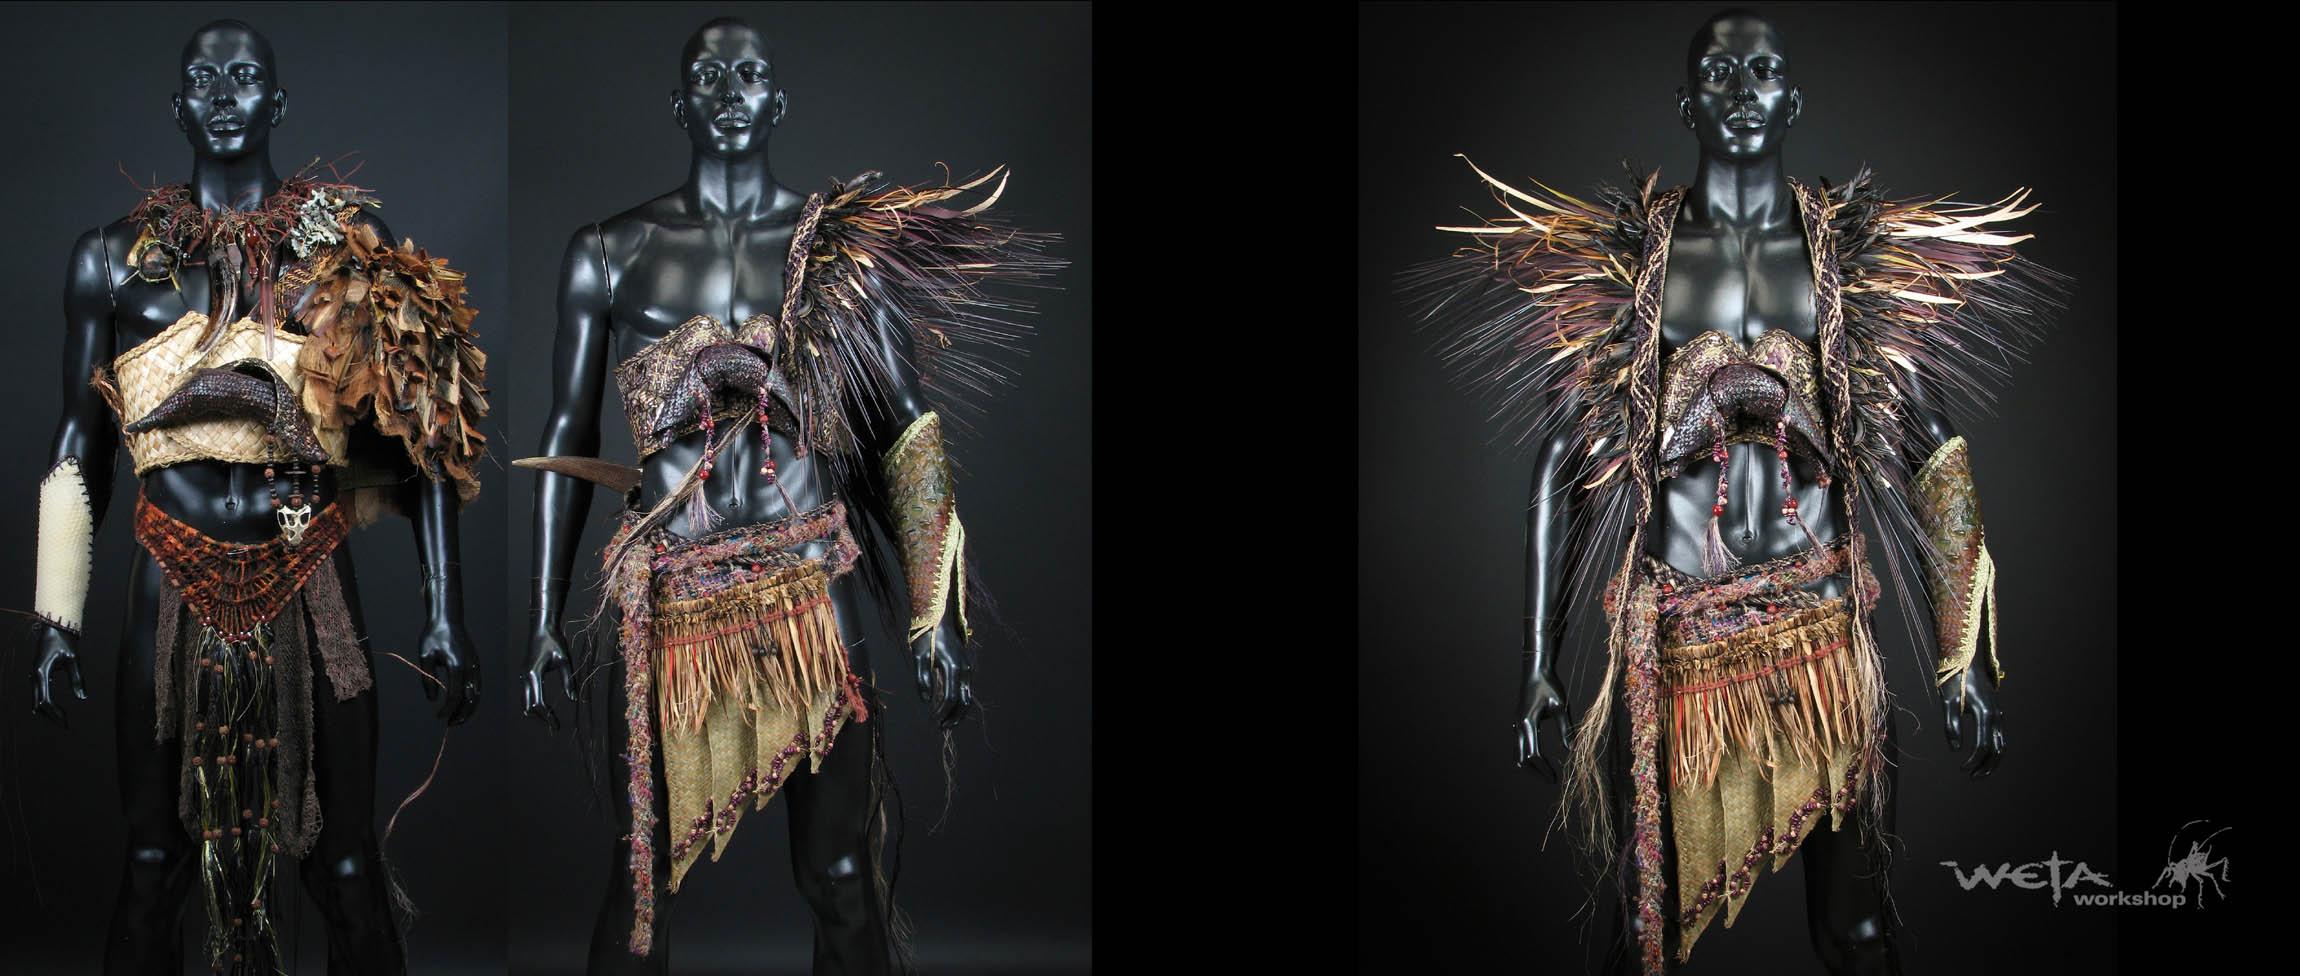 File:Avatar15.jpg